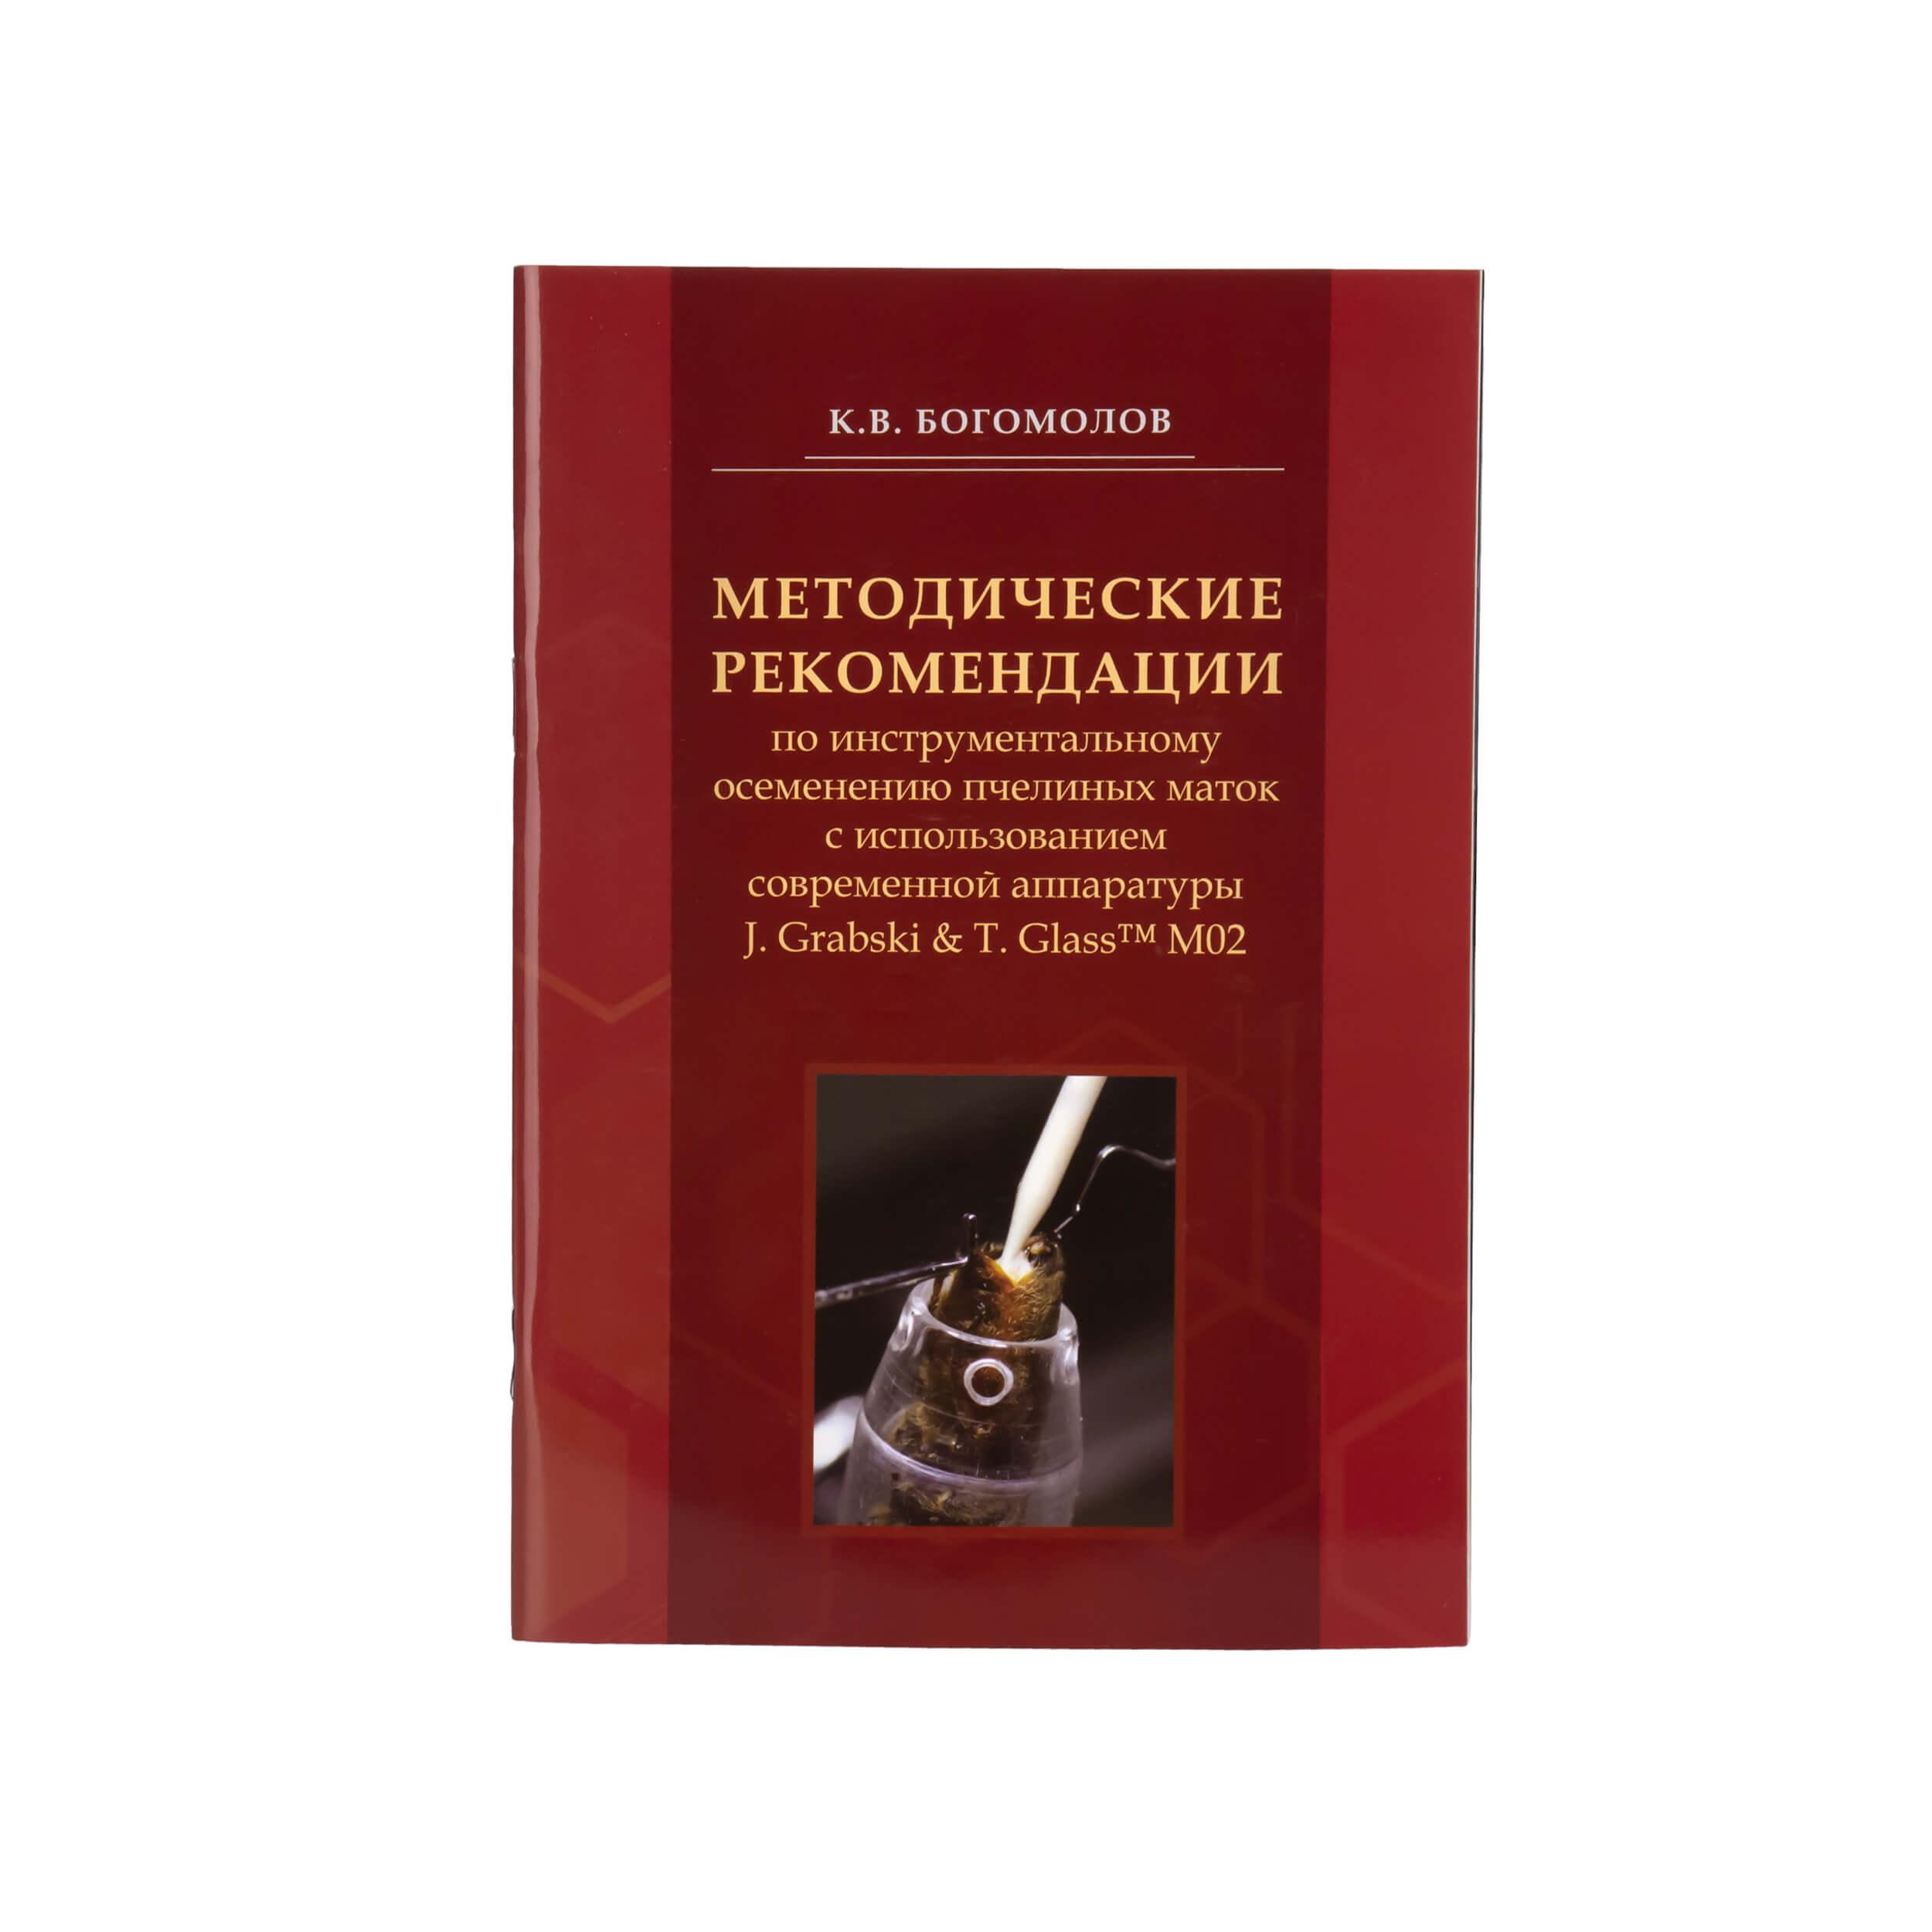 """Книга """"Методические рекомендации по инструментальному осеменению пчелиных маток"""" Богомолов К.В. фото"""